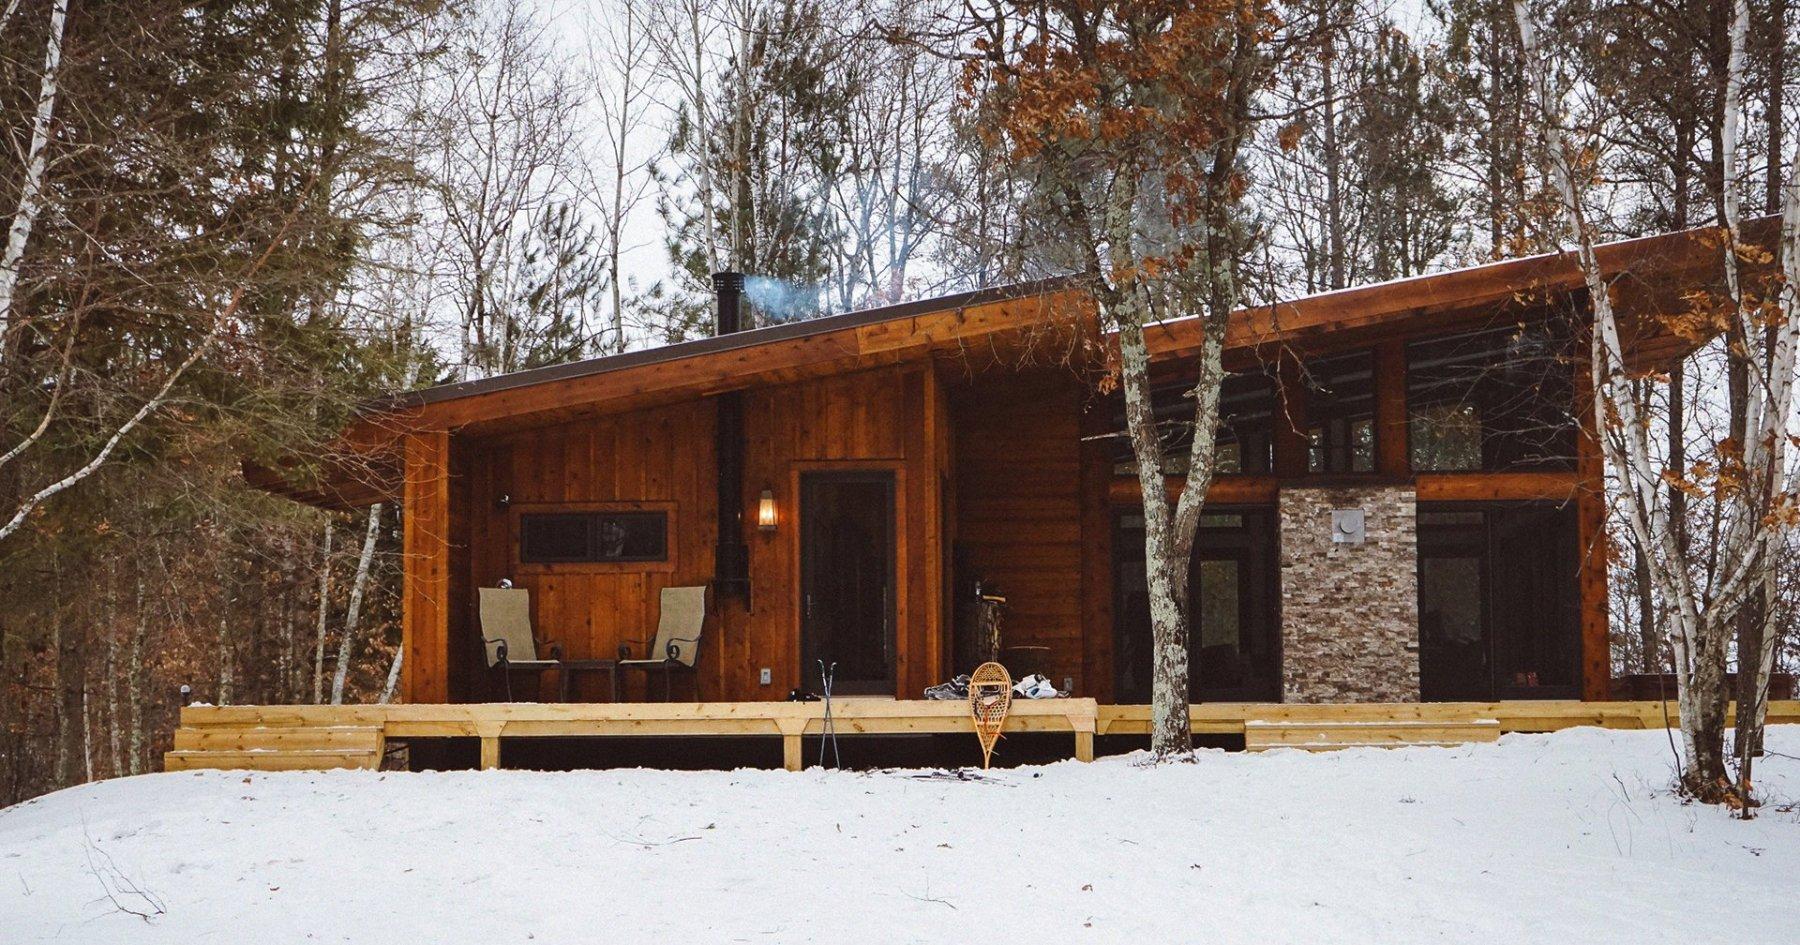 Secret Wisconsin Getaway Involves Campfires, Hot Tubs